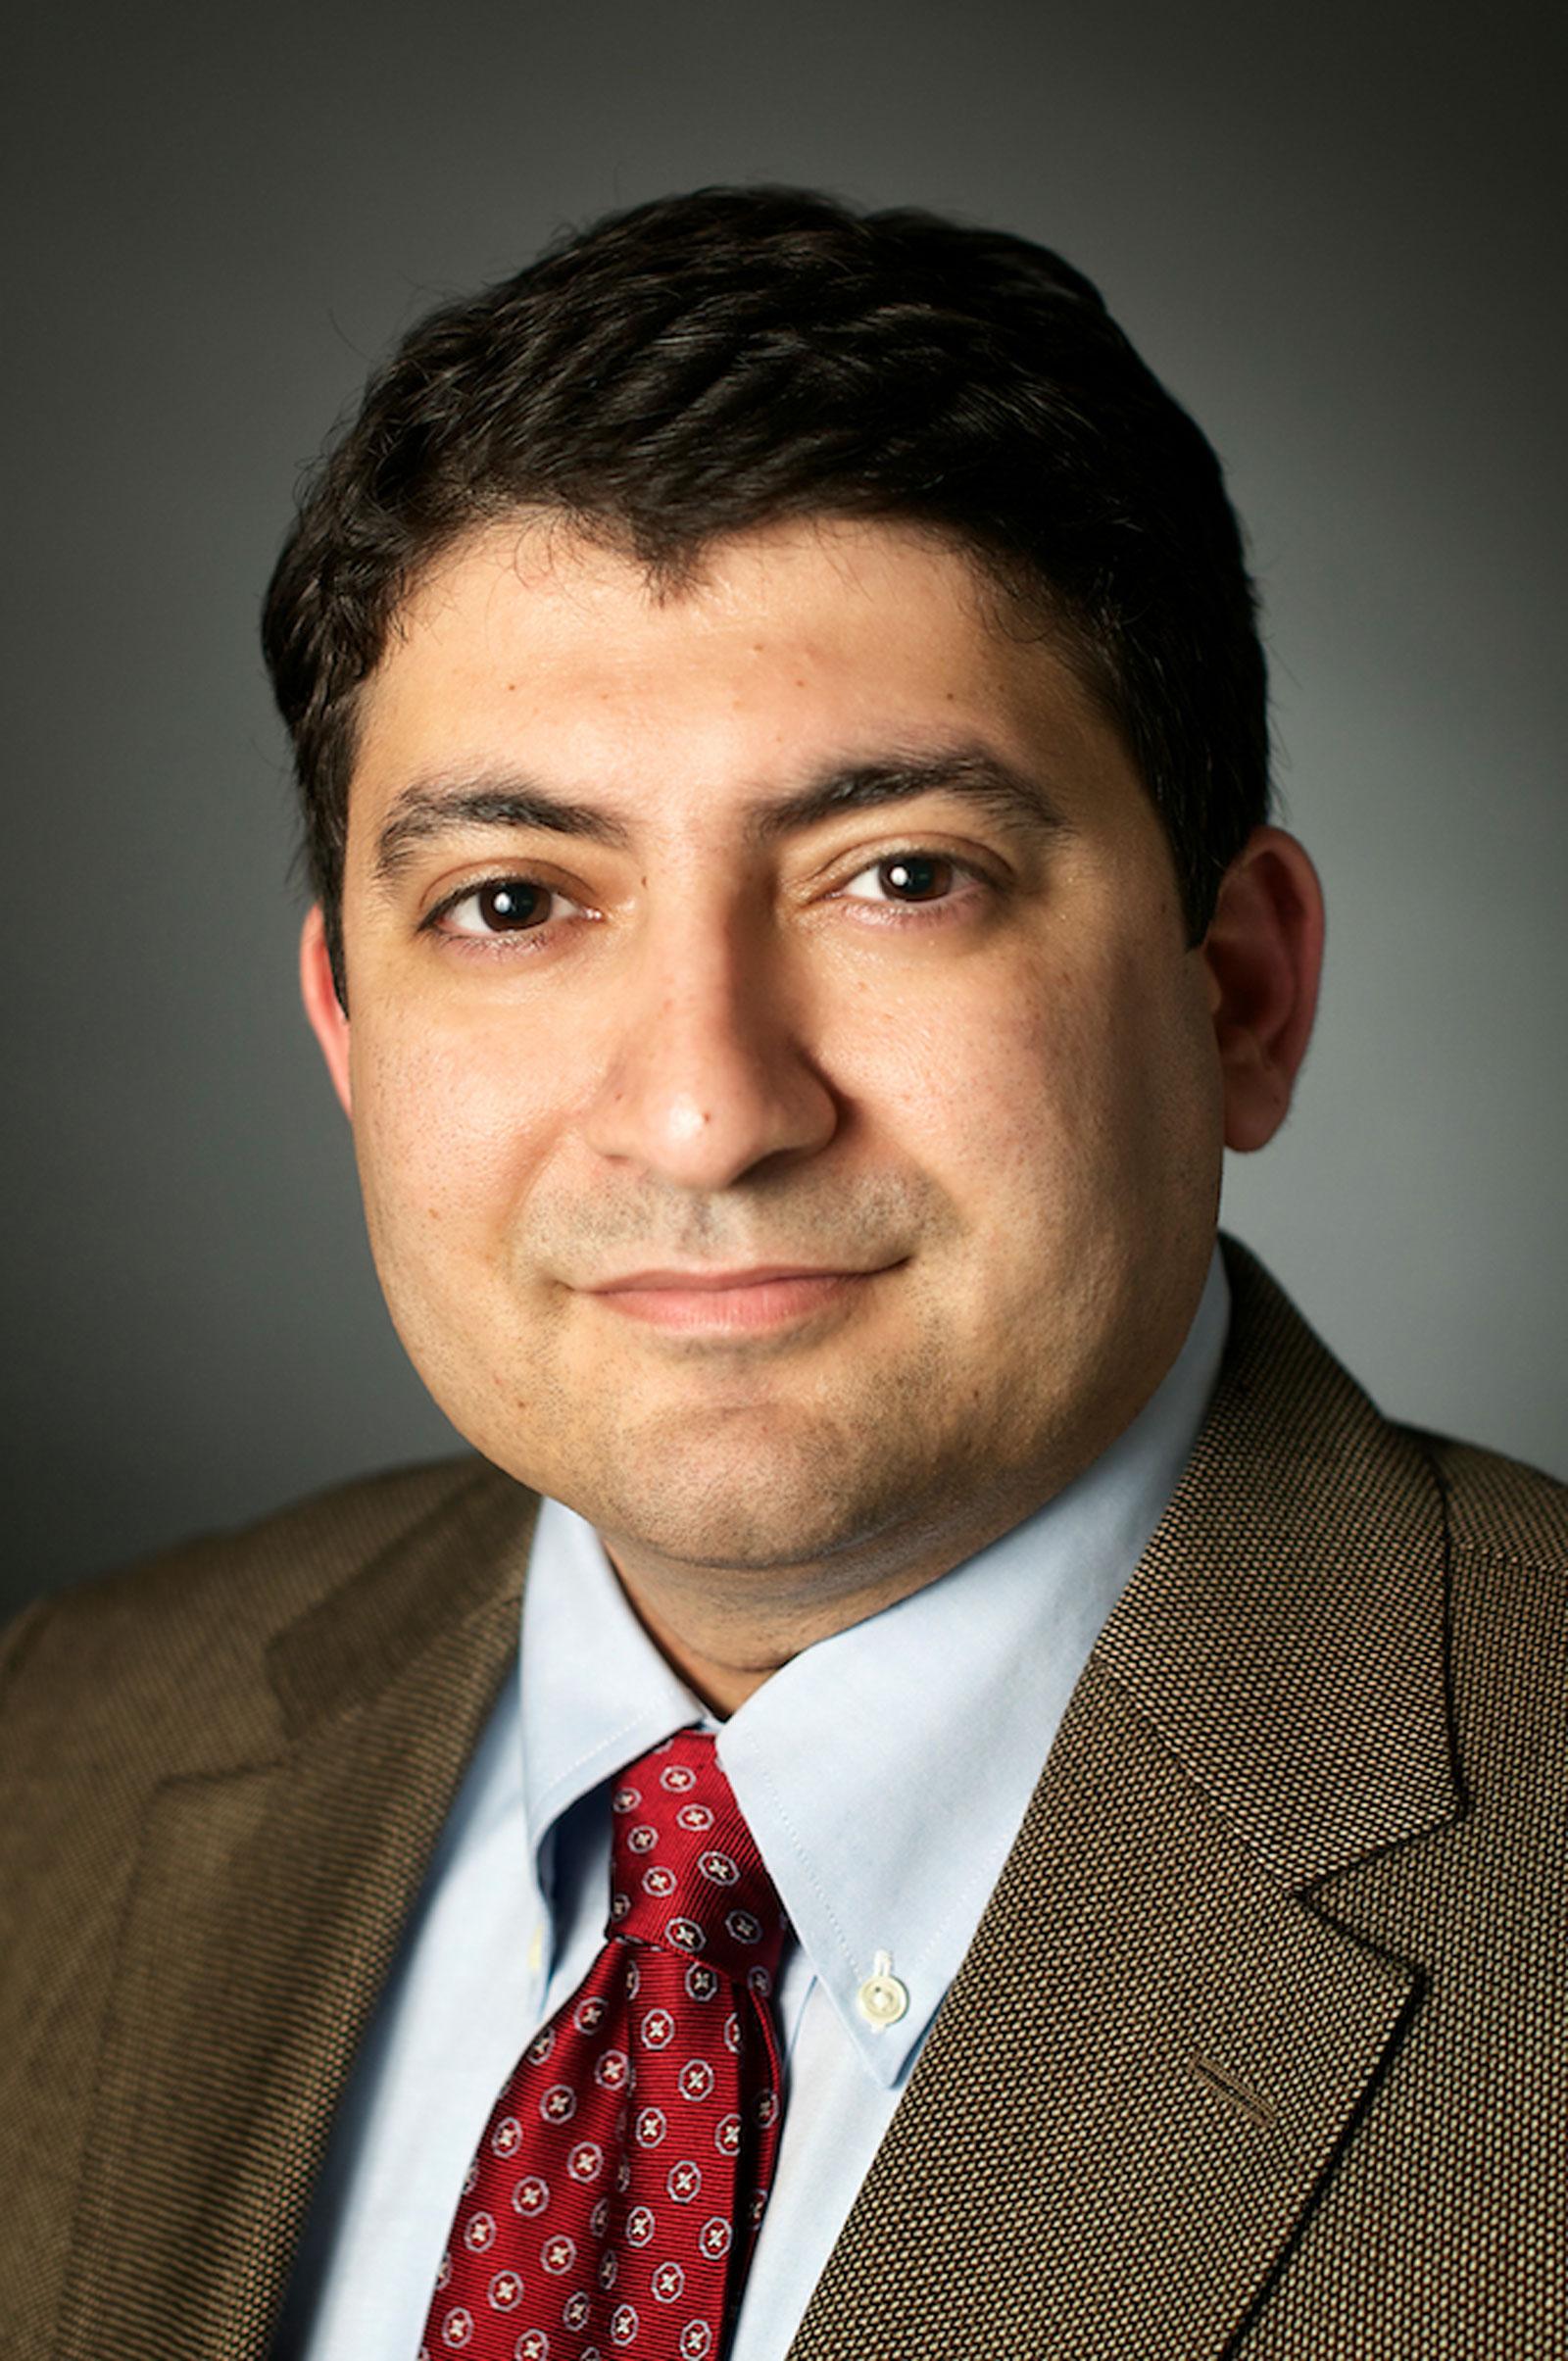 Amir Zarrinpar, Ph.D., M.D.